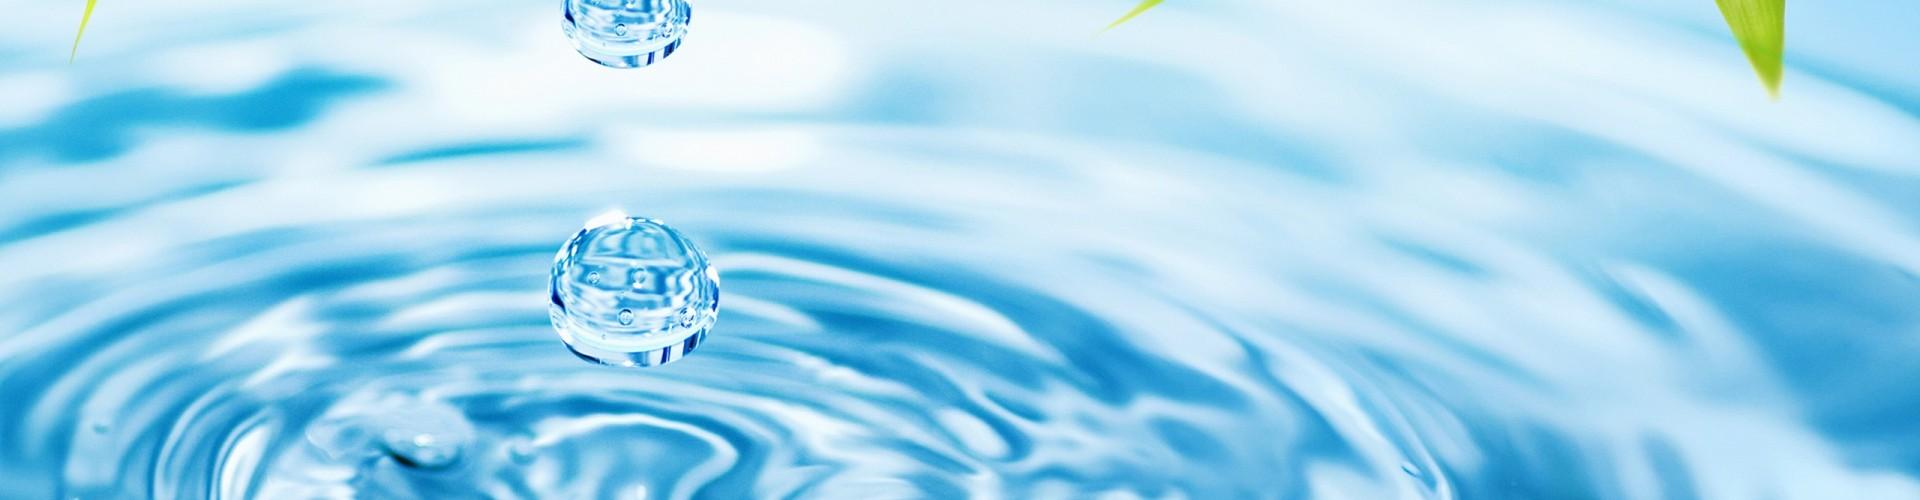 Capaciteit voor airco zelf berekenen maveko - Water kamer model ...